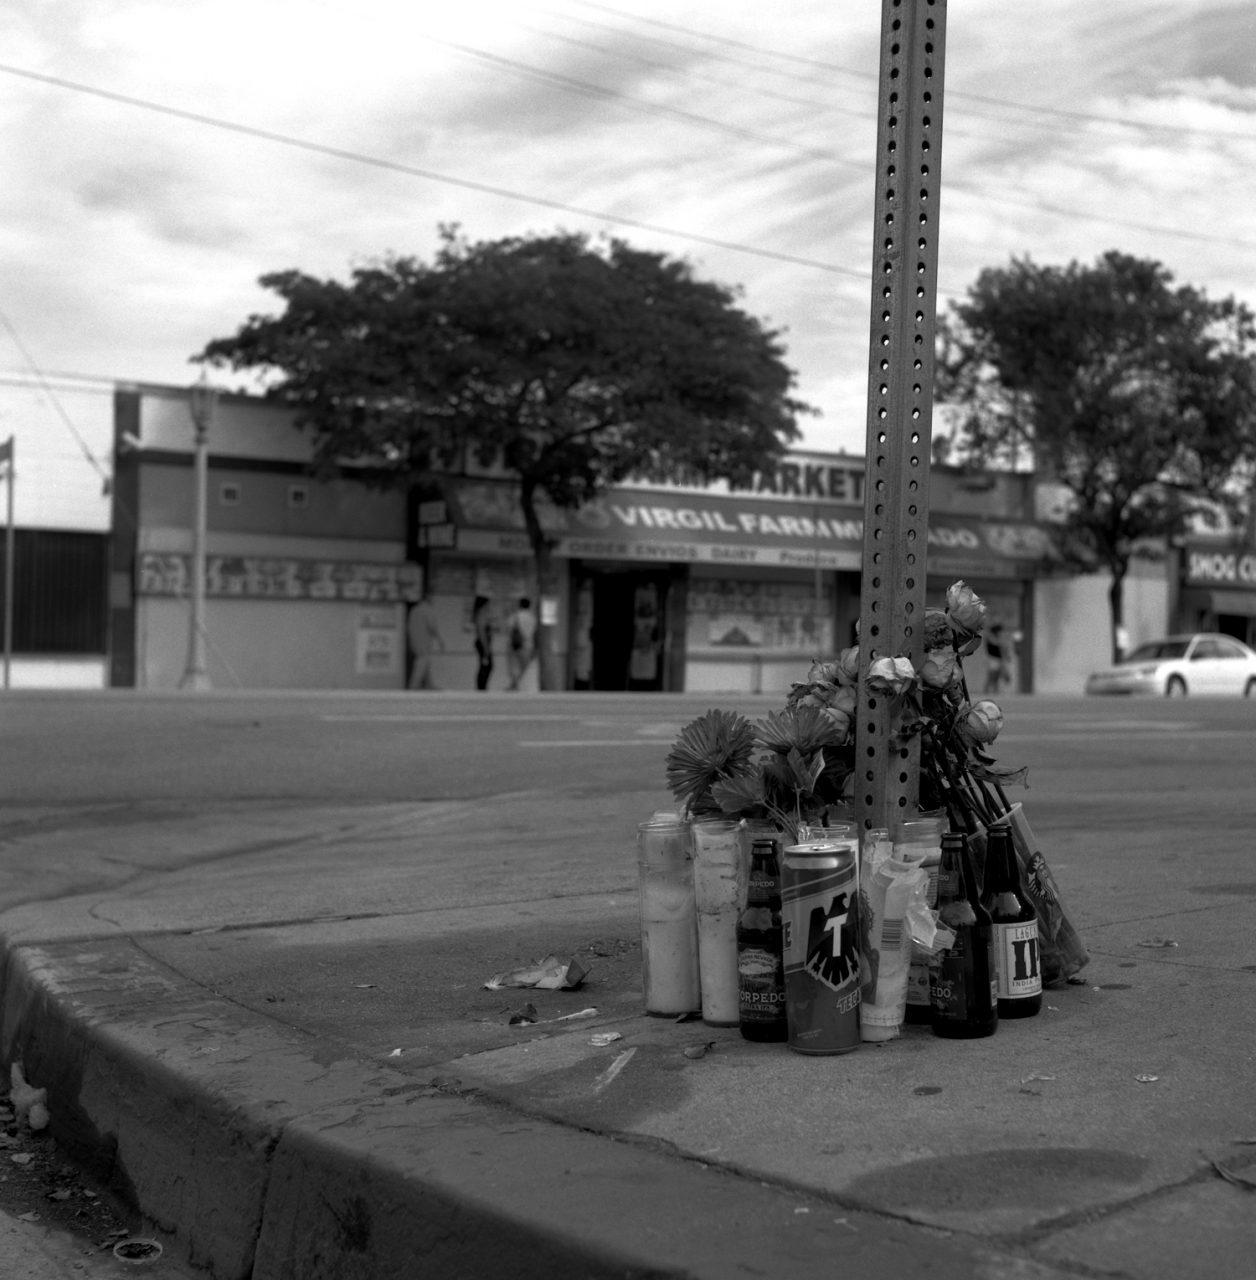 Street Corner Memorial